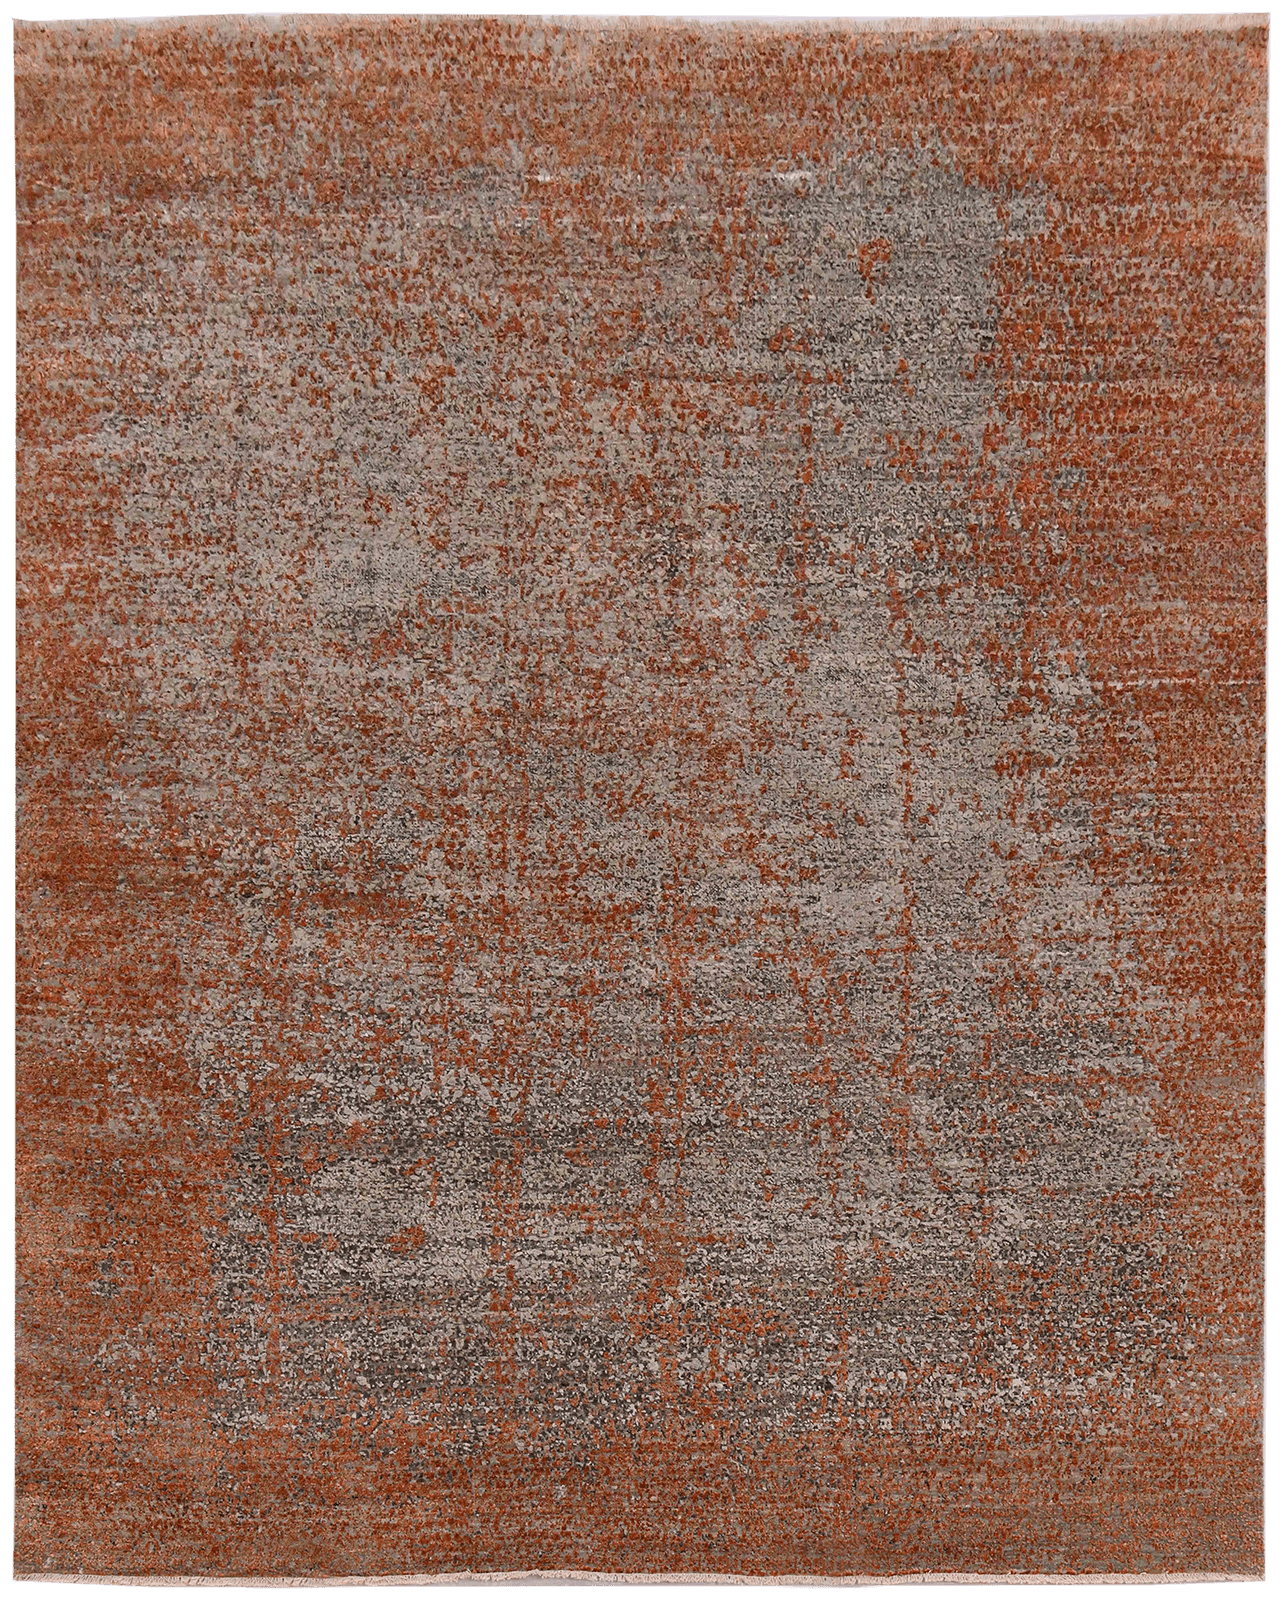 bentayga-design-tapijt-luxe-moderne-exclusieve-design-tapijten-luxe-vloerkleden-zijde-roest-goud-oranje-creme-300x241-koreman-maastricht-4253-recht